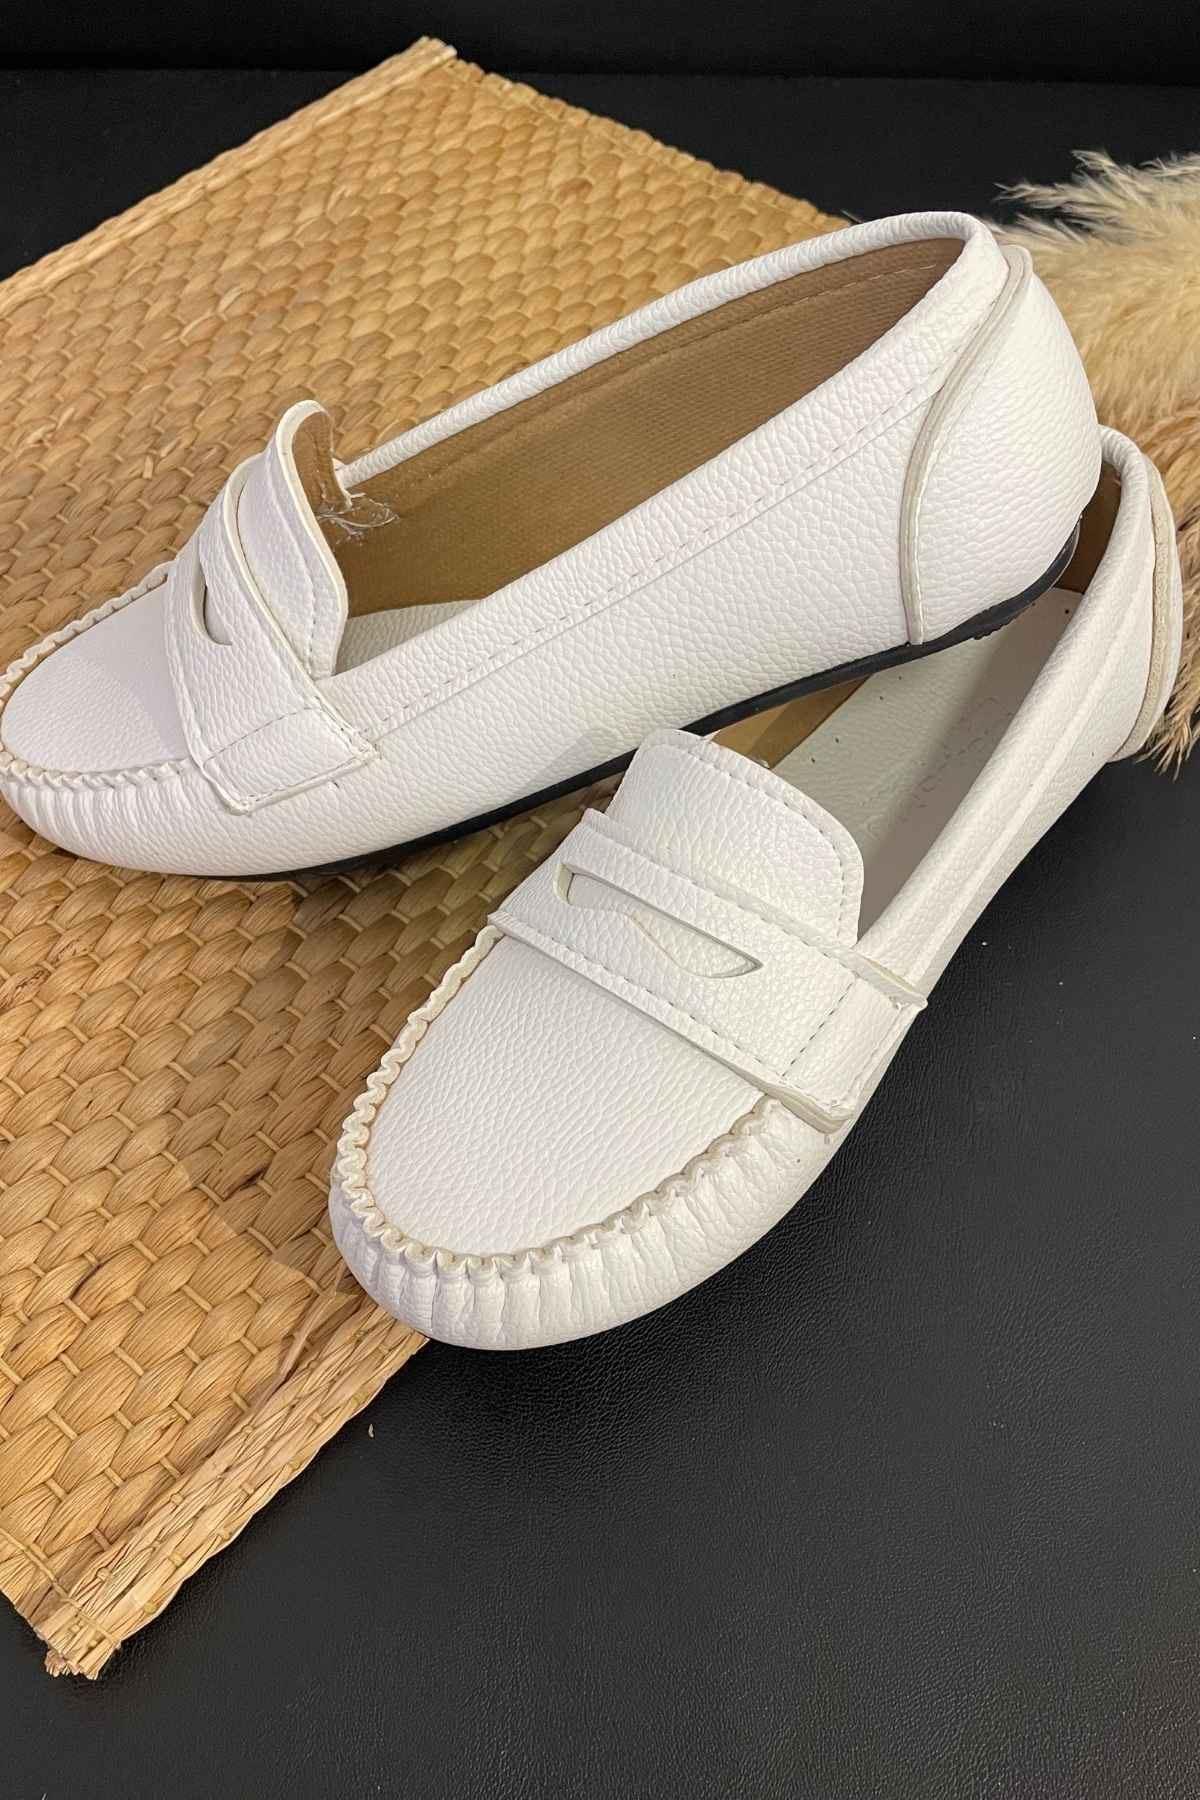 Sohe Beyaz Deri Mokasen Rok Babet Ayakkabı